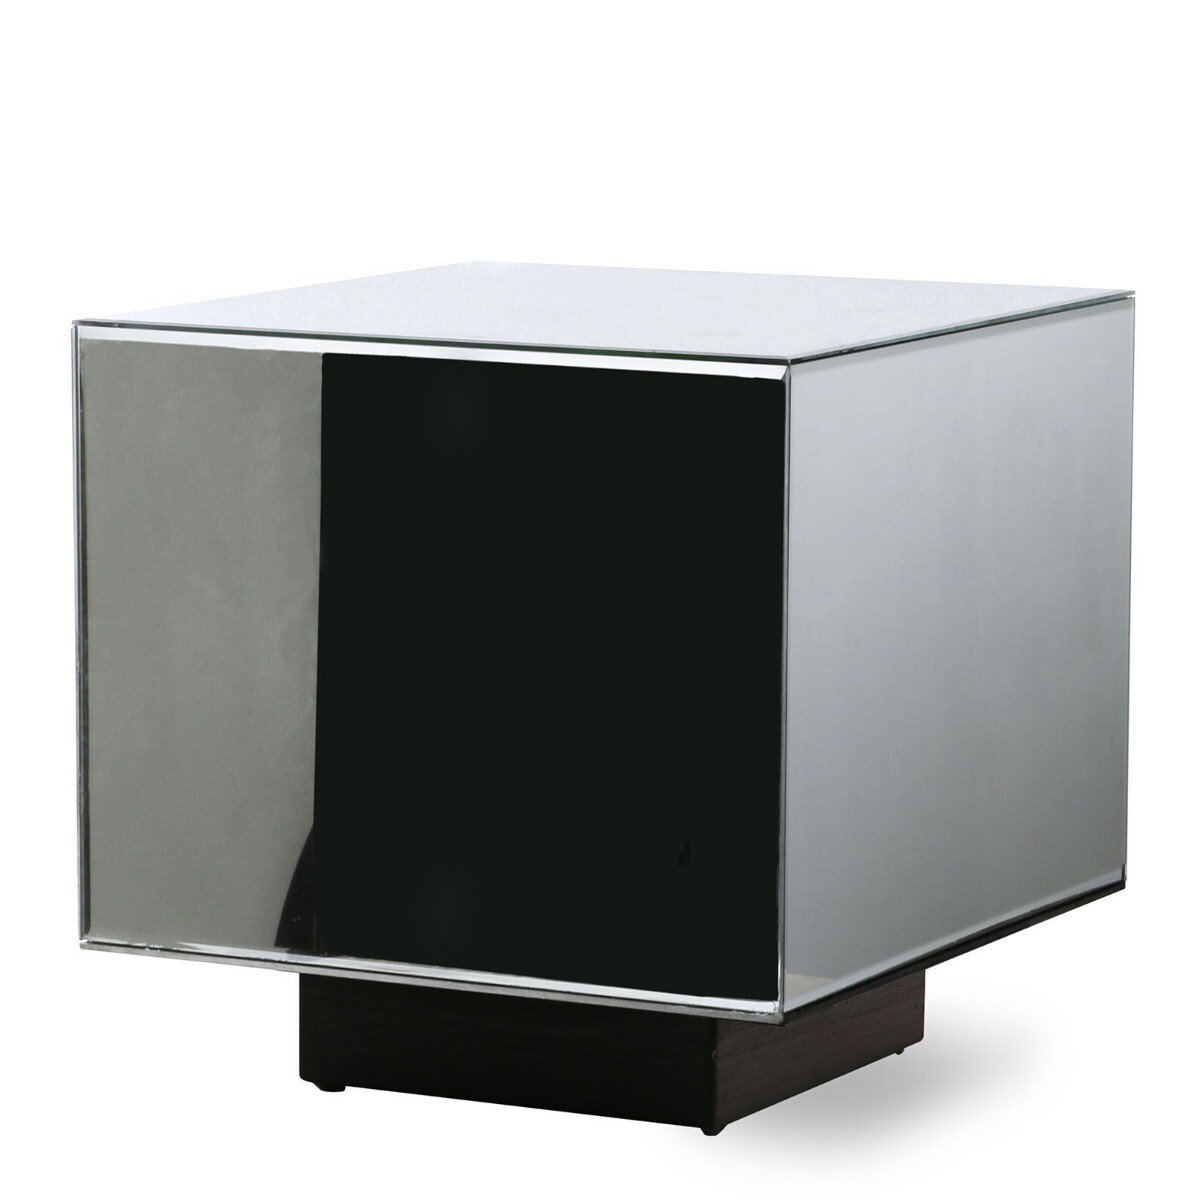 HKliving Bijzettafel Blok Spiegelglas Clear M 40 x 40 x 40